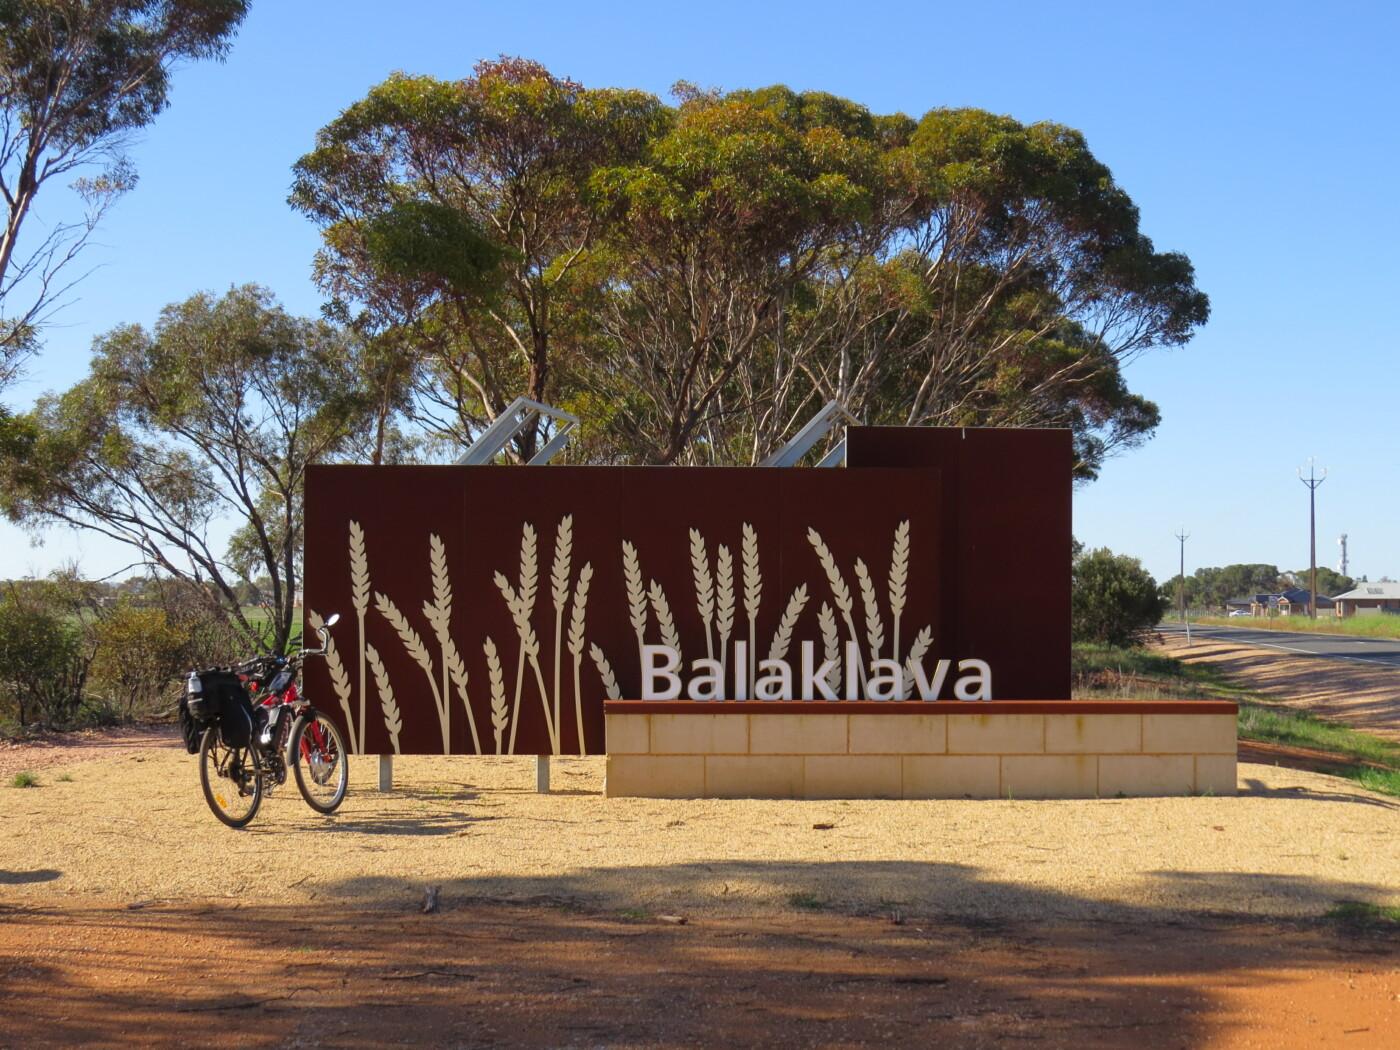 entrance to Balaklava